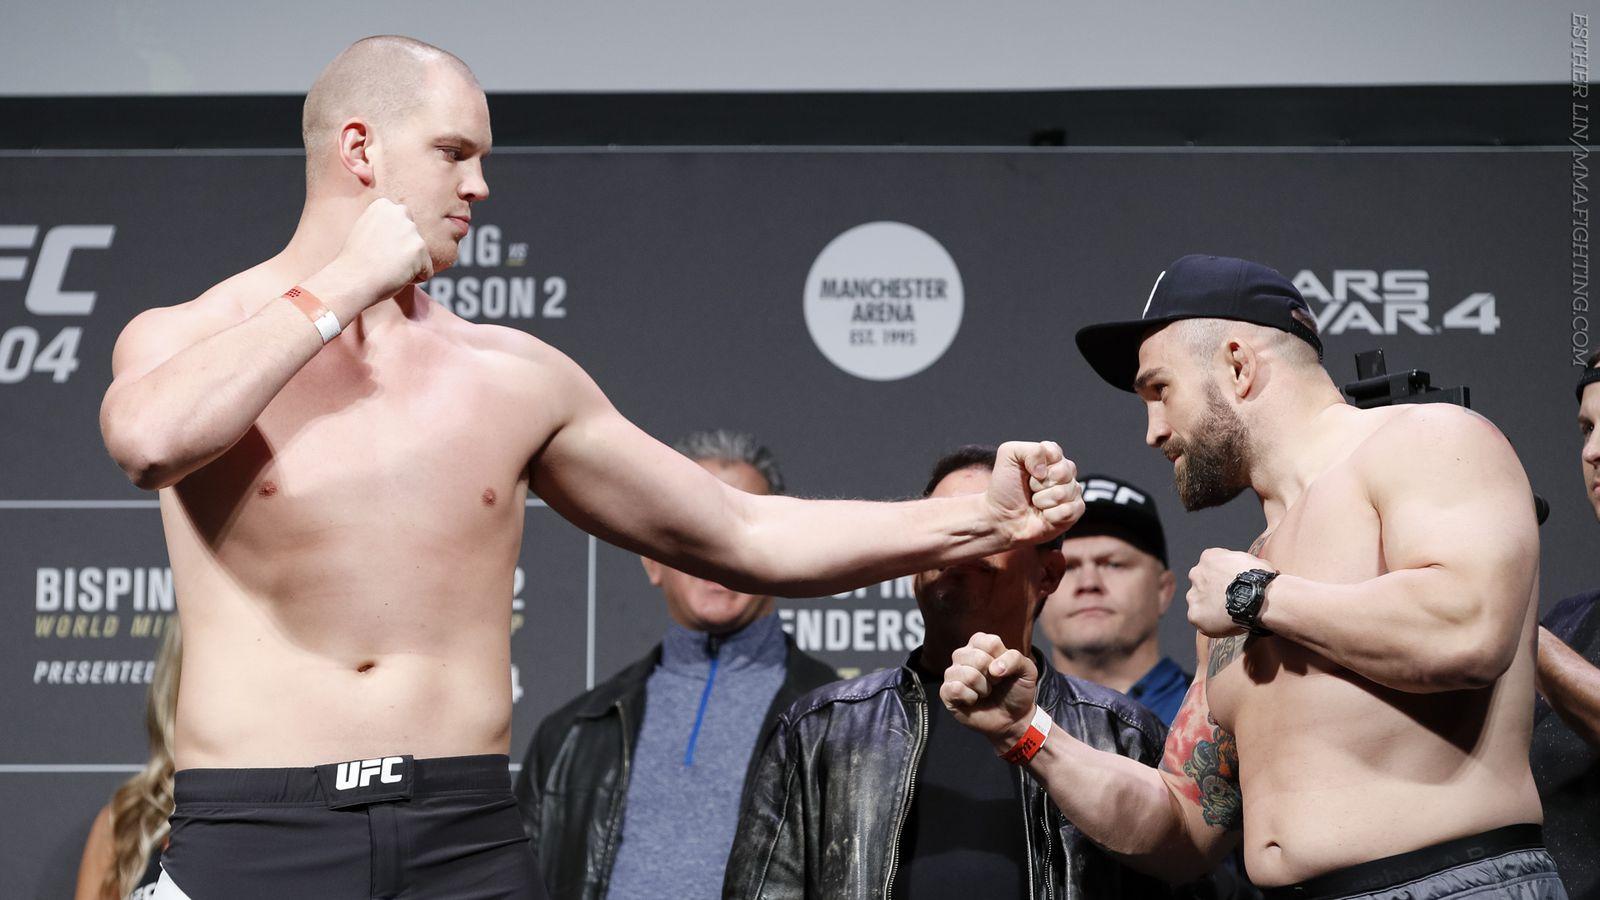 UFC 204 live blog: Stefan Struve vs. Daniel Omielanczuk